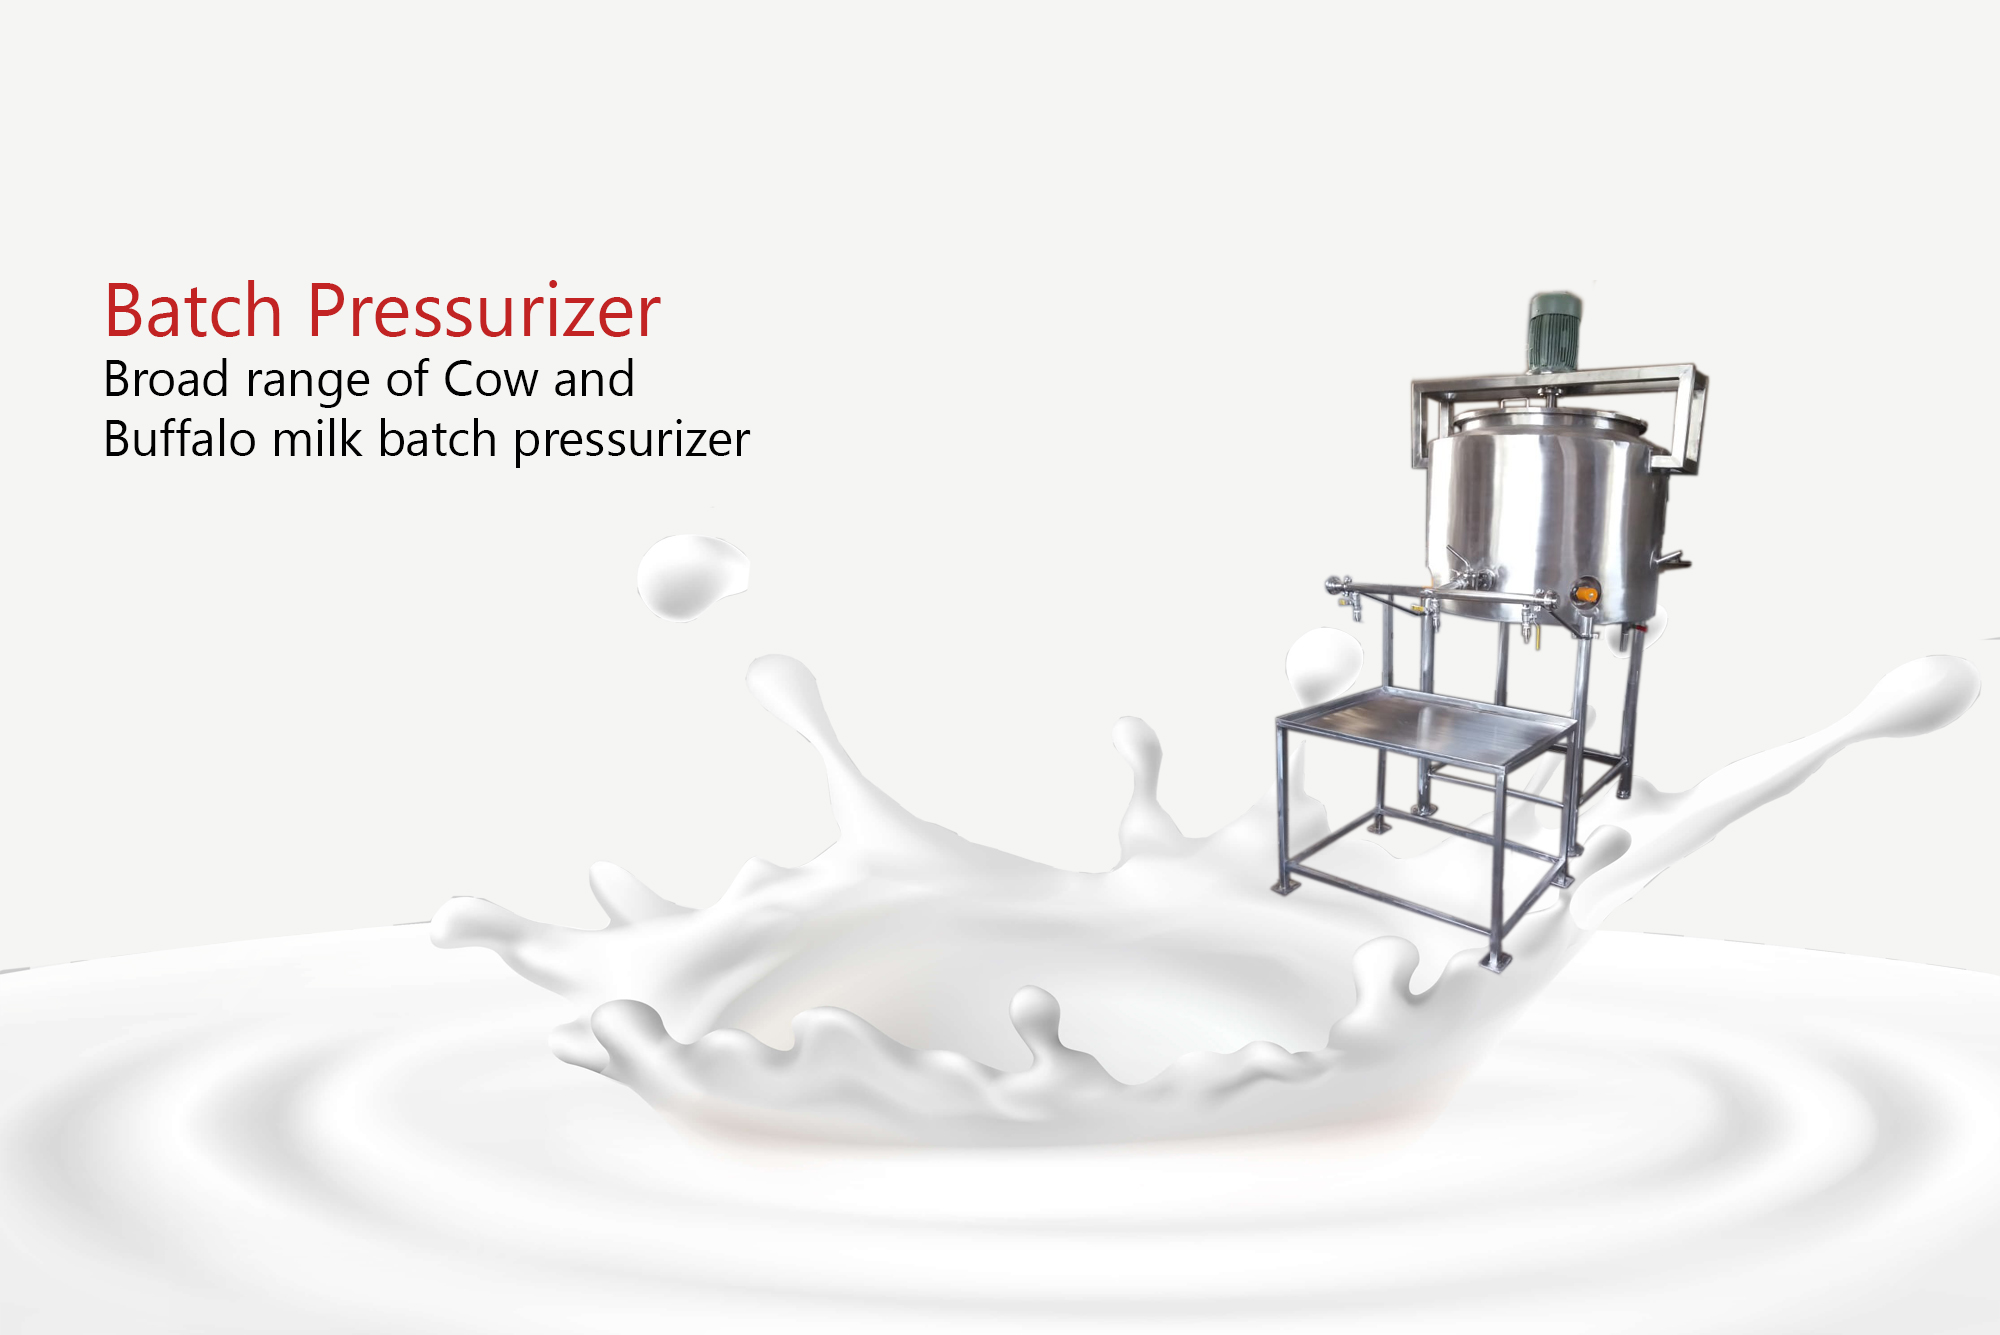 batchPressurizer